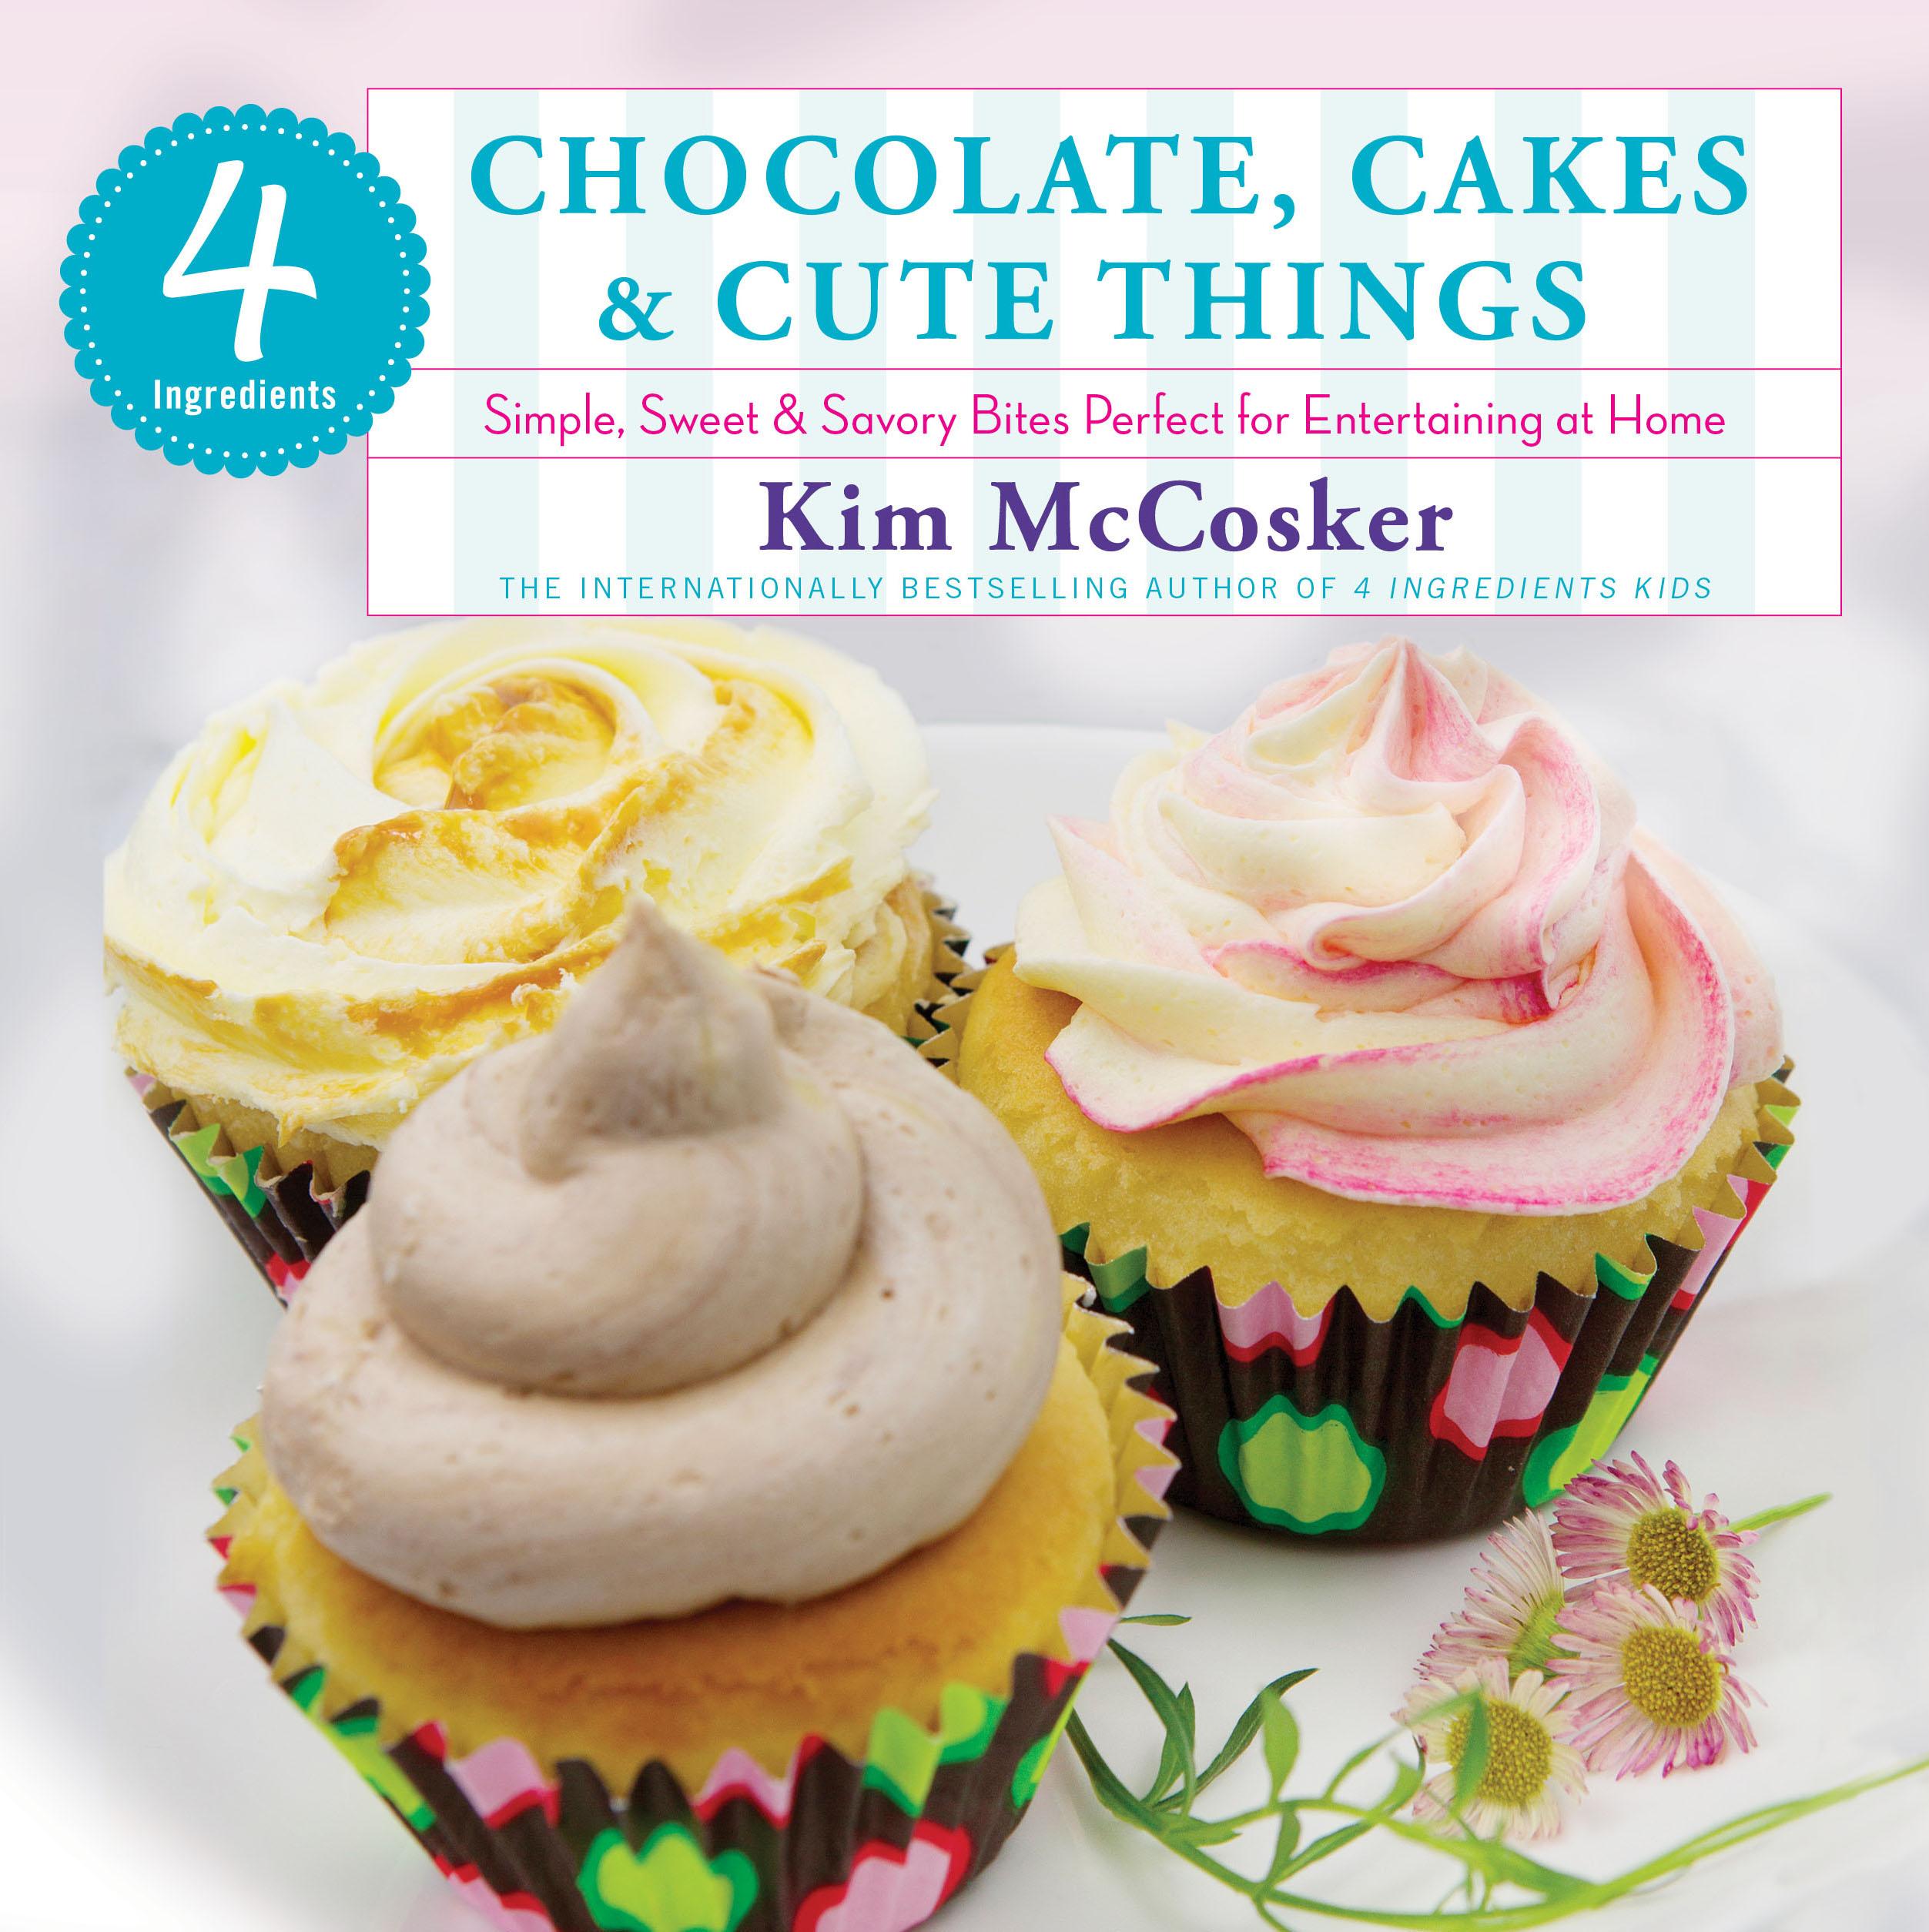 4 Ingredients Chocolate Cakes Cute Things Book By Kim Mccosker